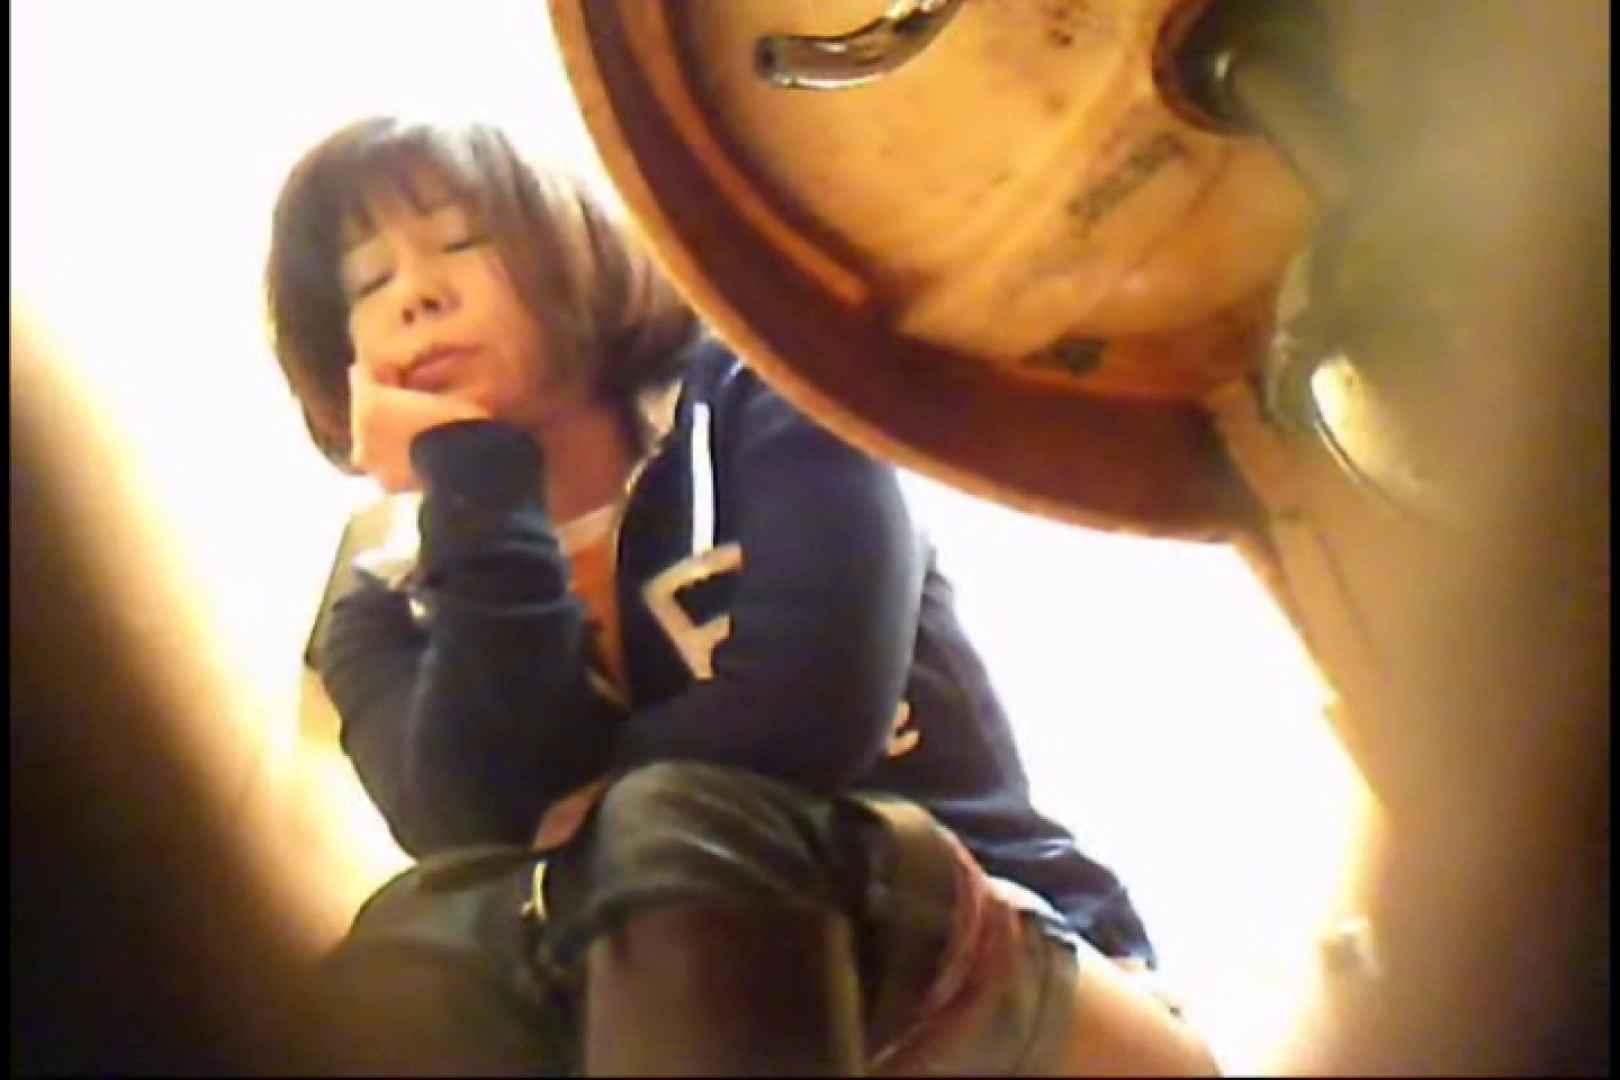 画質向上!新亀さん厠 vol.12 黄金水 盗撮動画紹介 102PIX 64